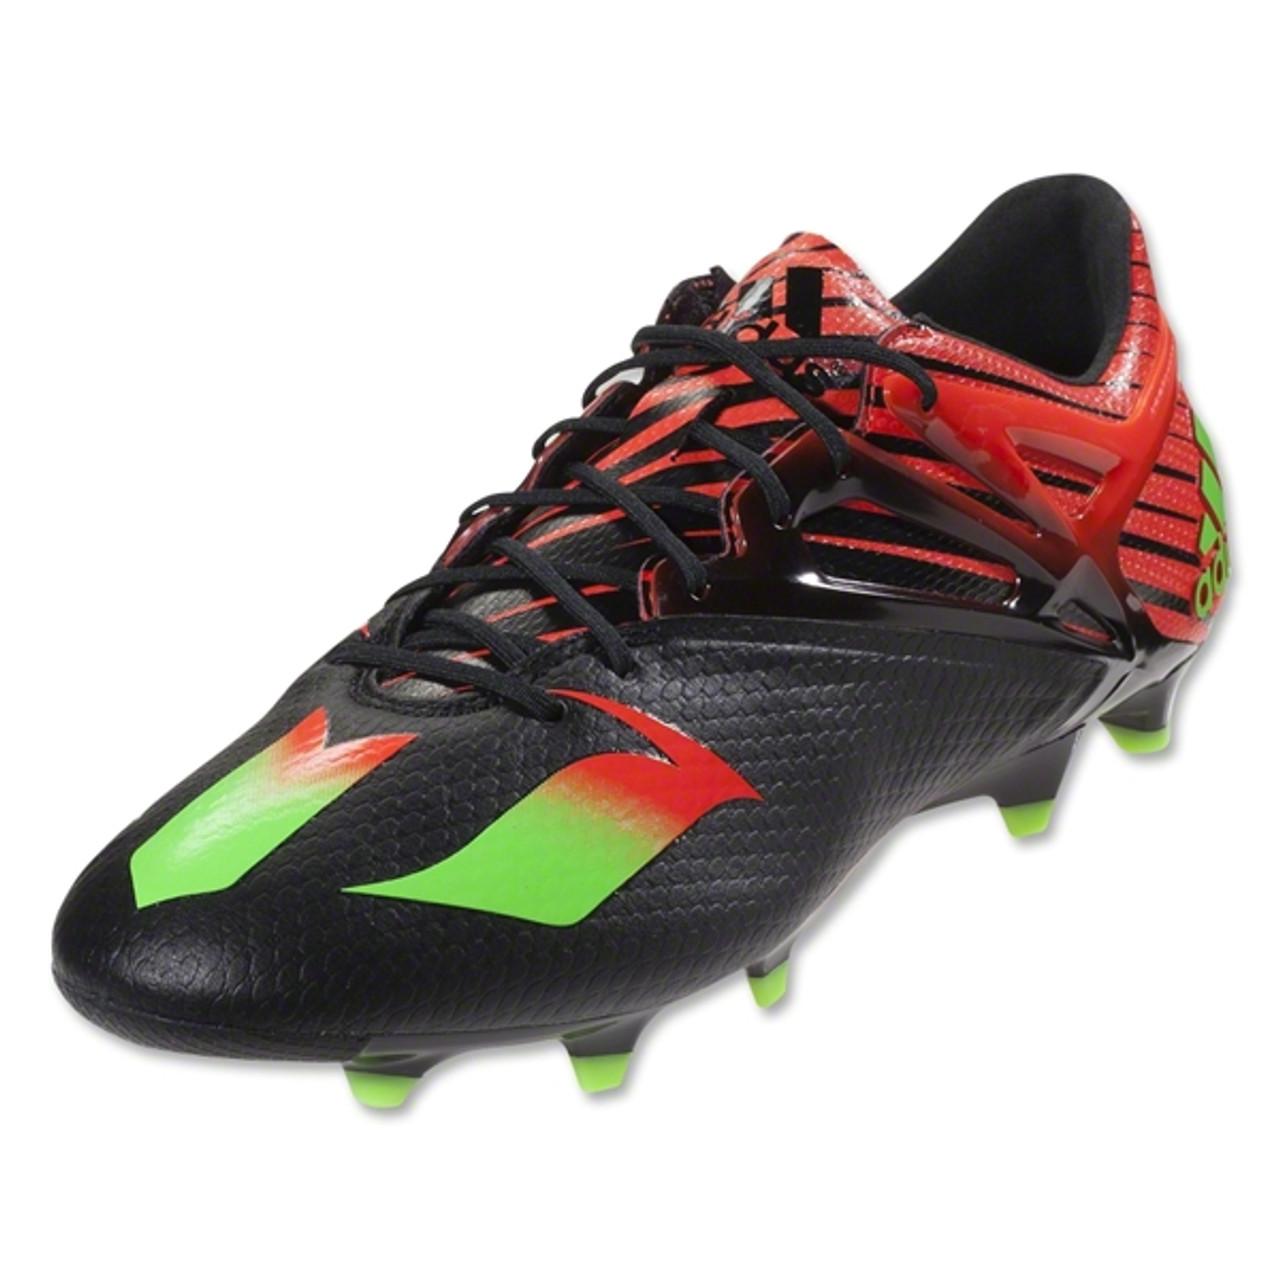 076740e06961 Adidas Messi 15.1 FG/AG - Black/Red - Soccer City